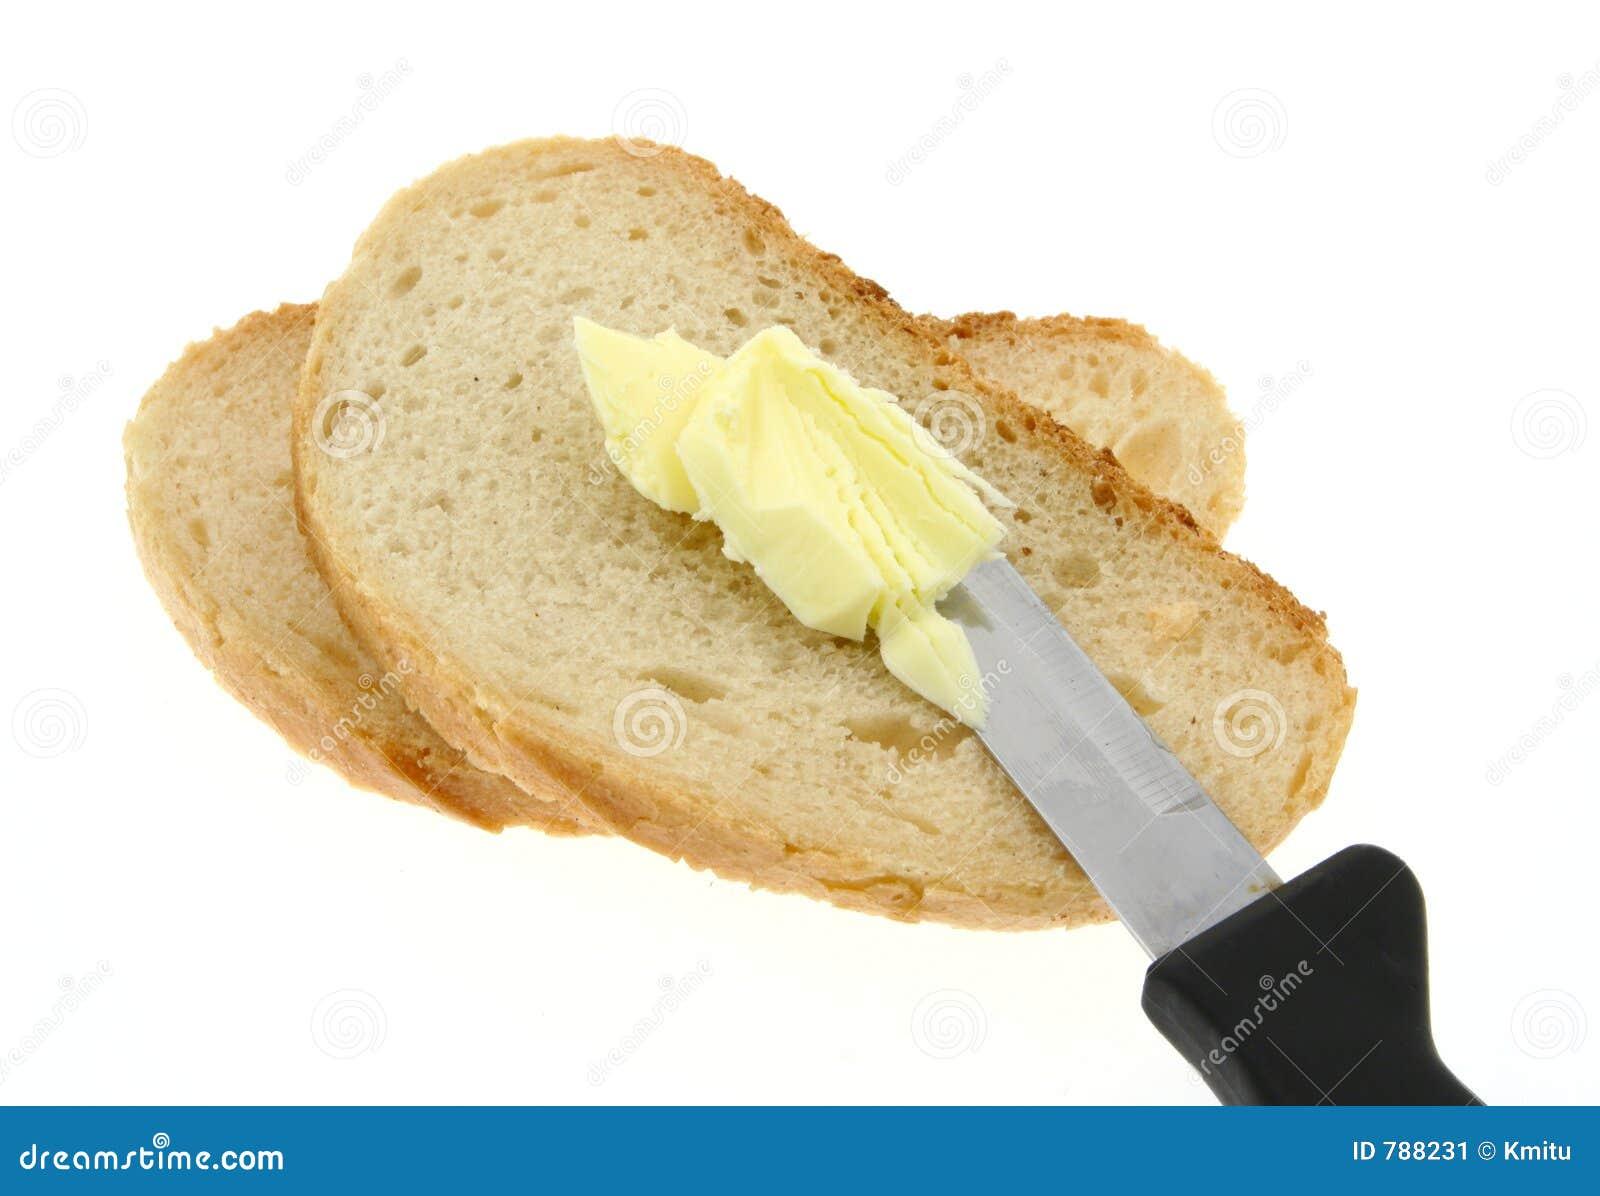 Pan que unta con mantequilla imagen de archivo imagen de for Cuchillo para untar mantequilla